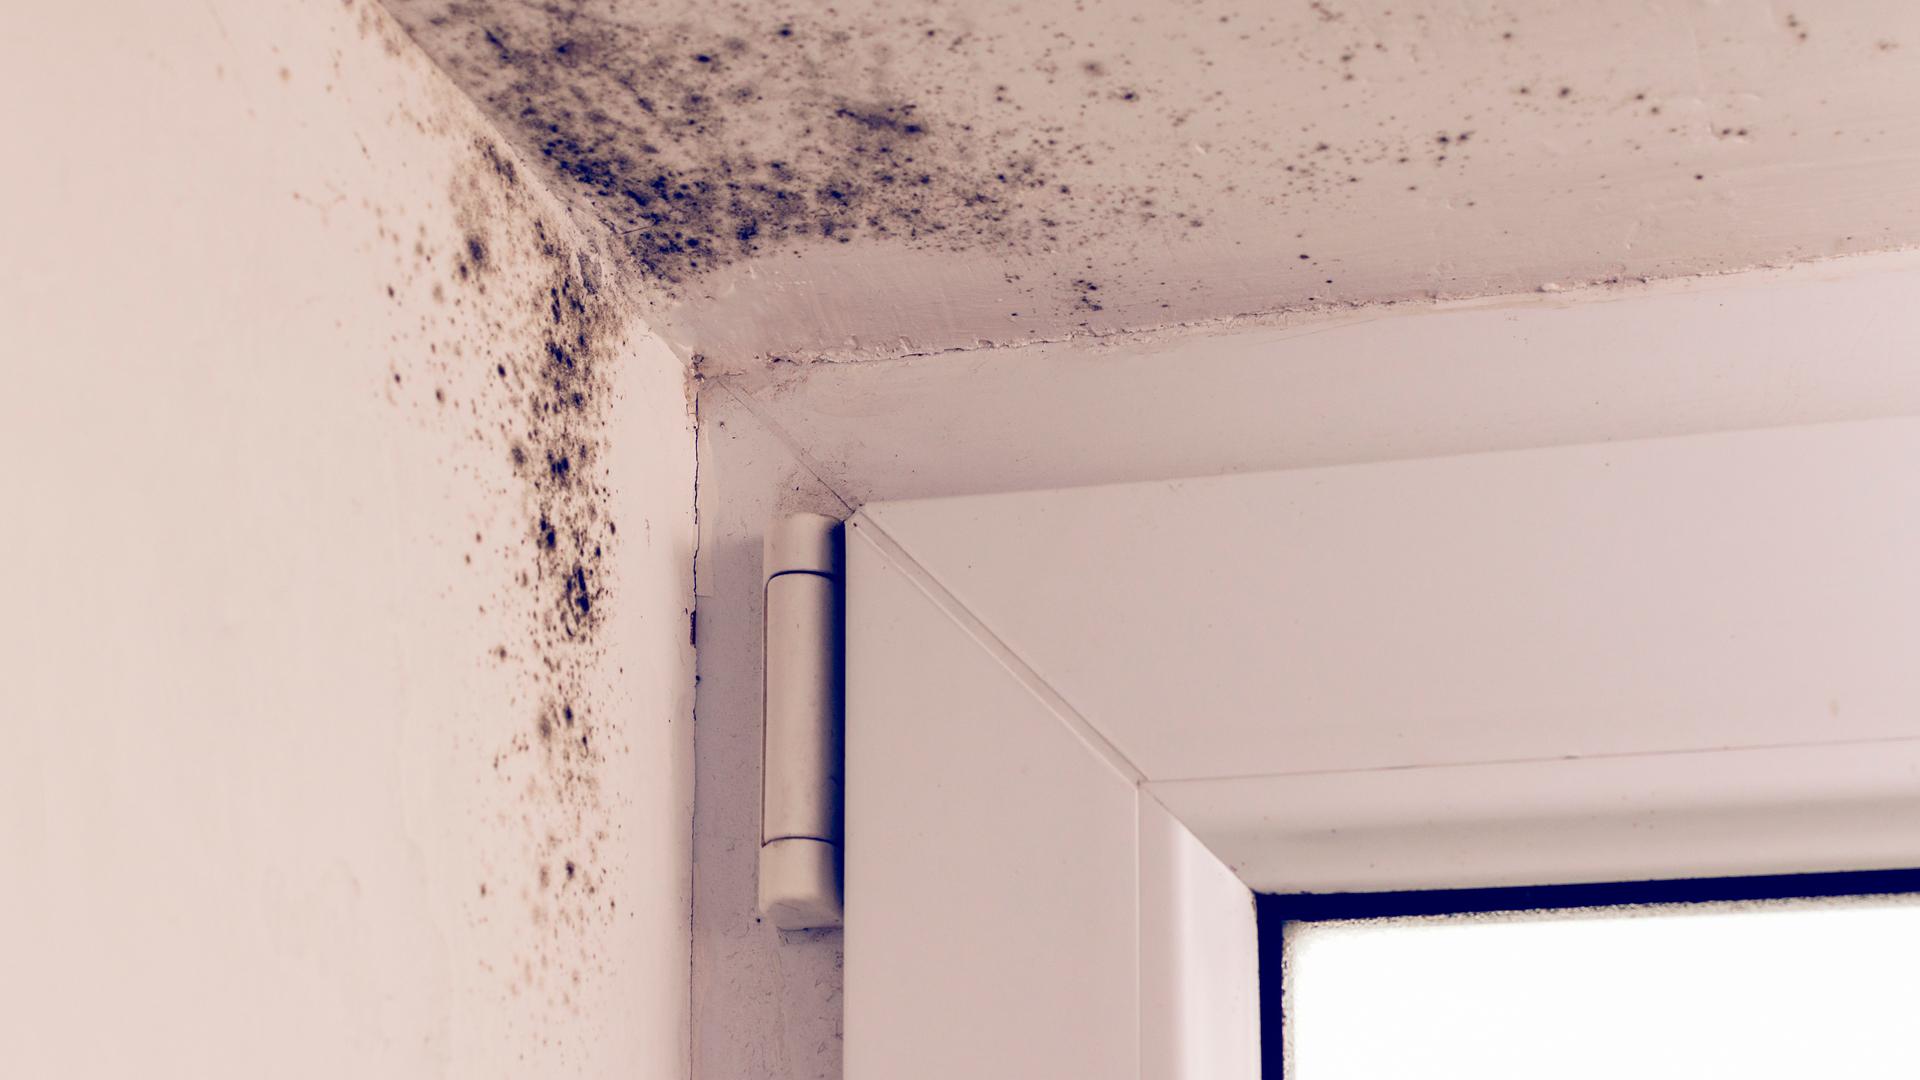 ¿Qué es la humedad por condensación y por qué se genera?